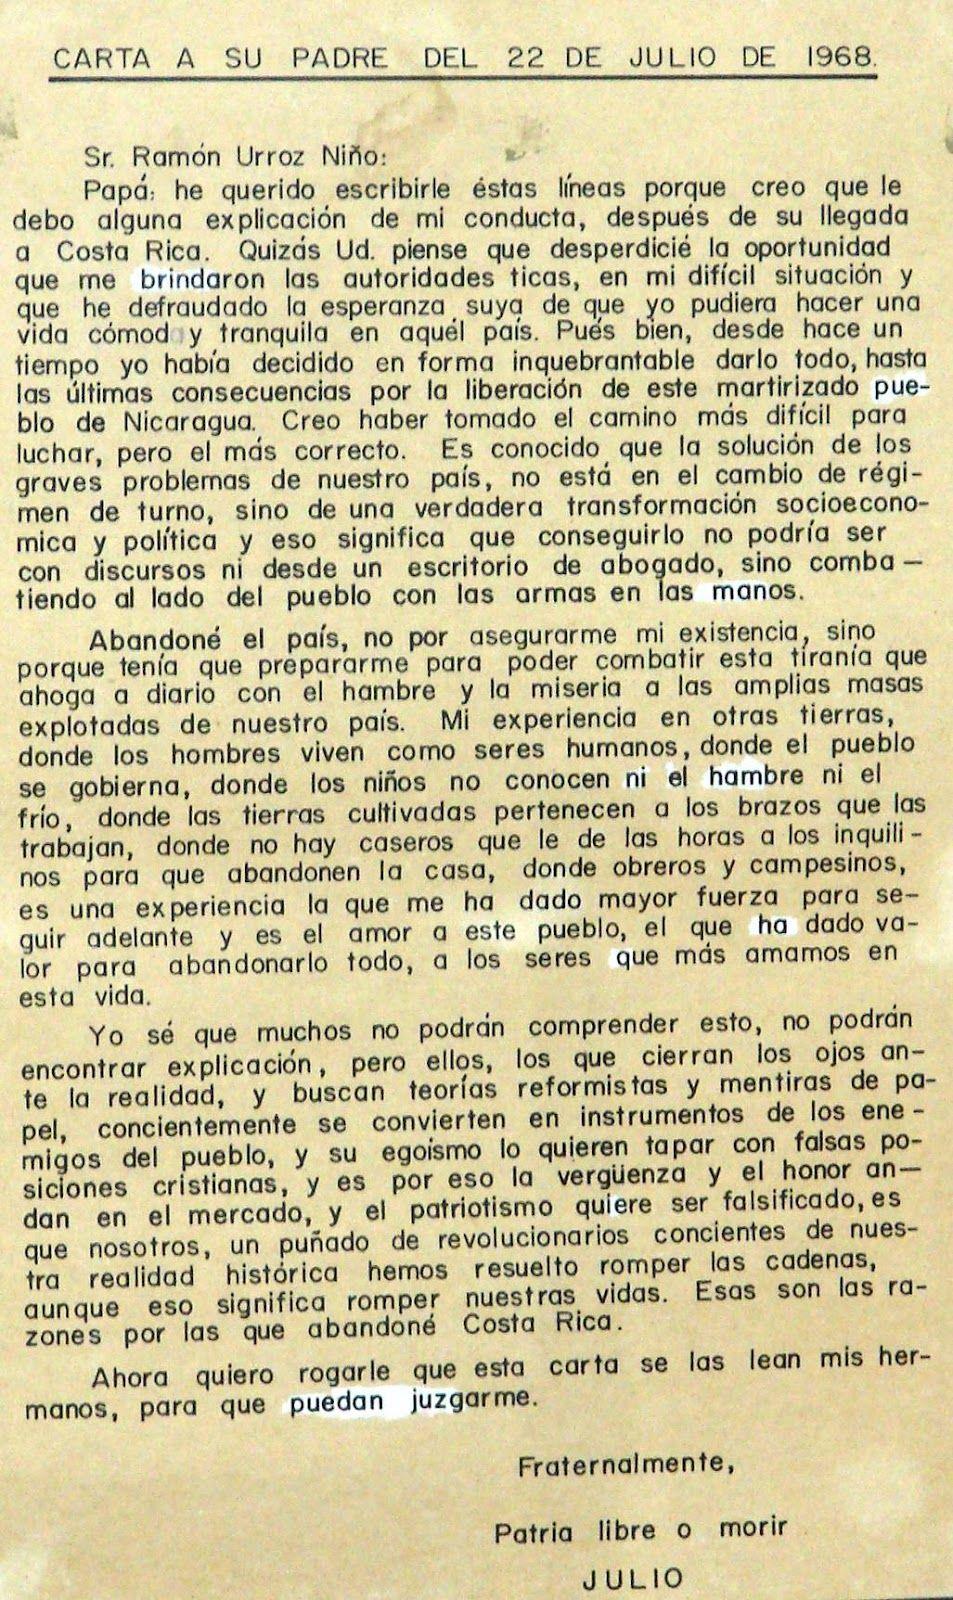 Carta de Julio Buitrago a su padre